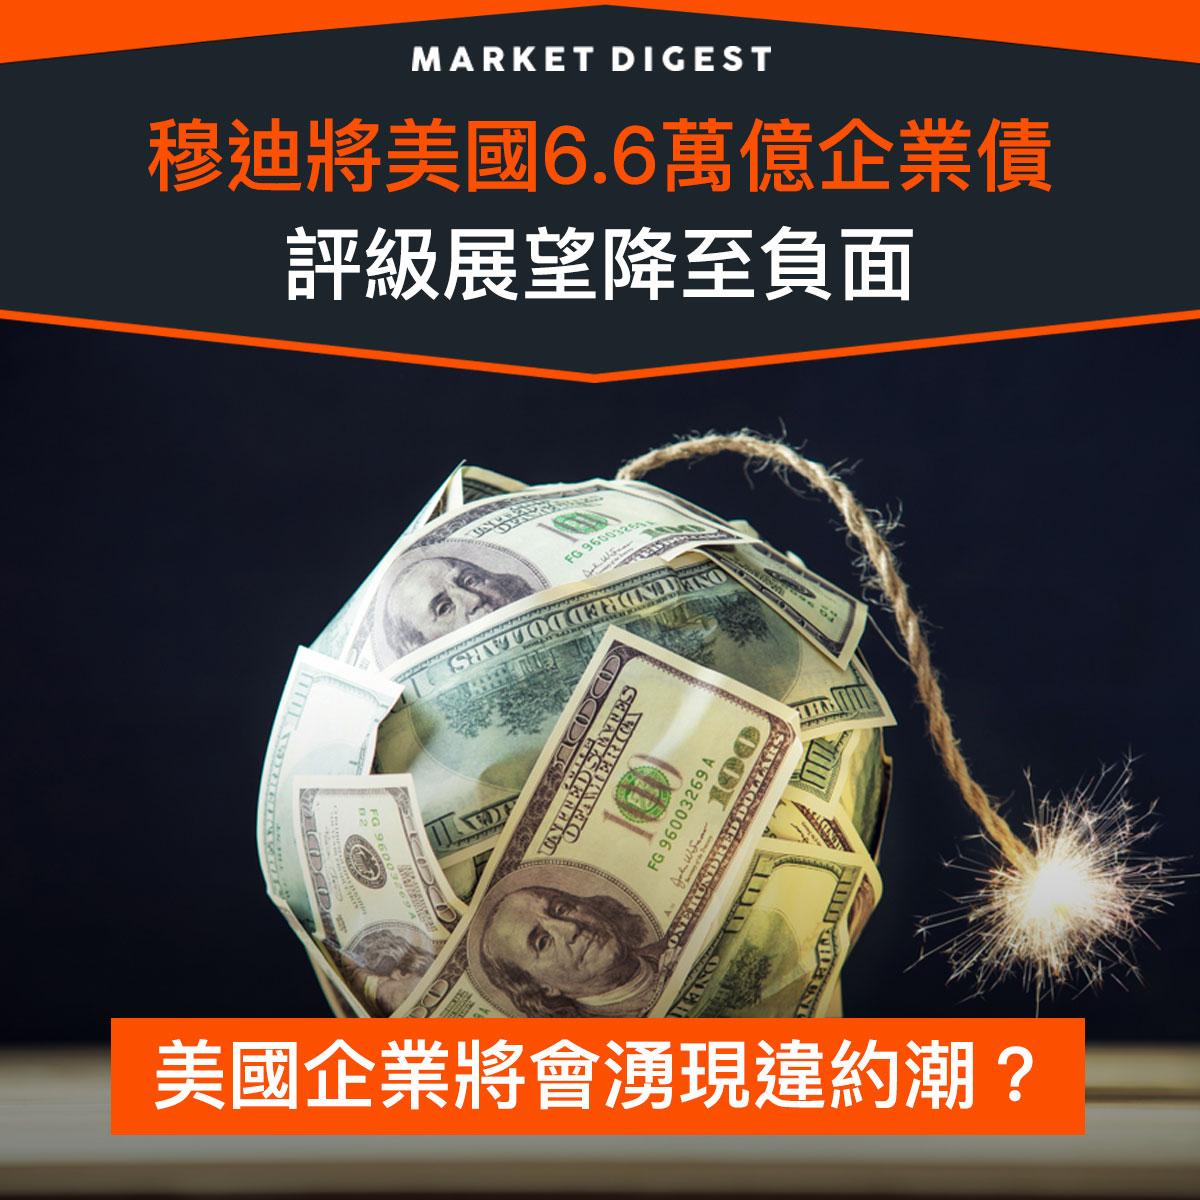 【市場熱話】穆迪將美國6.6萬億企業債評級展望降至負面